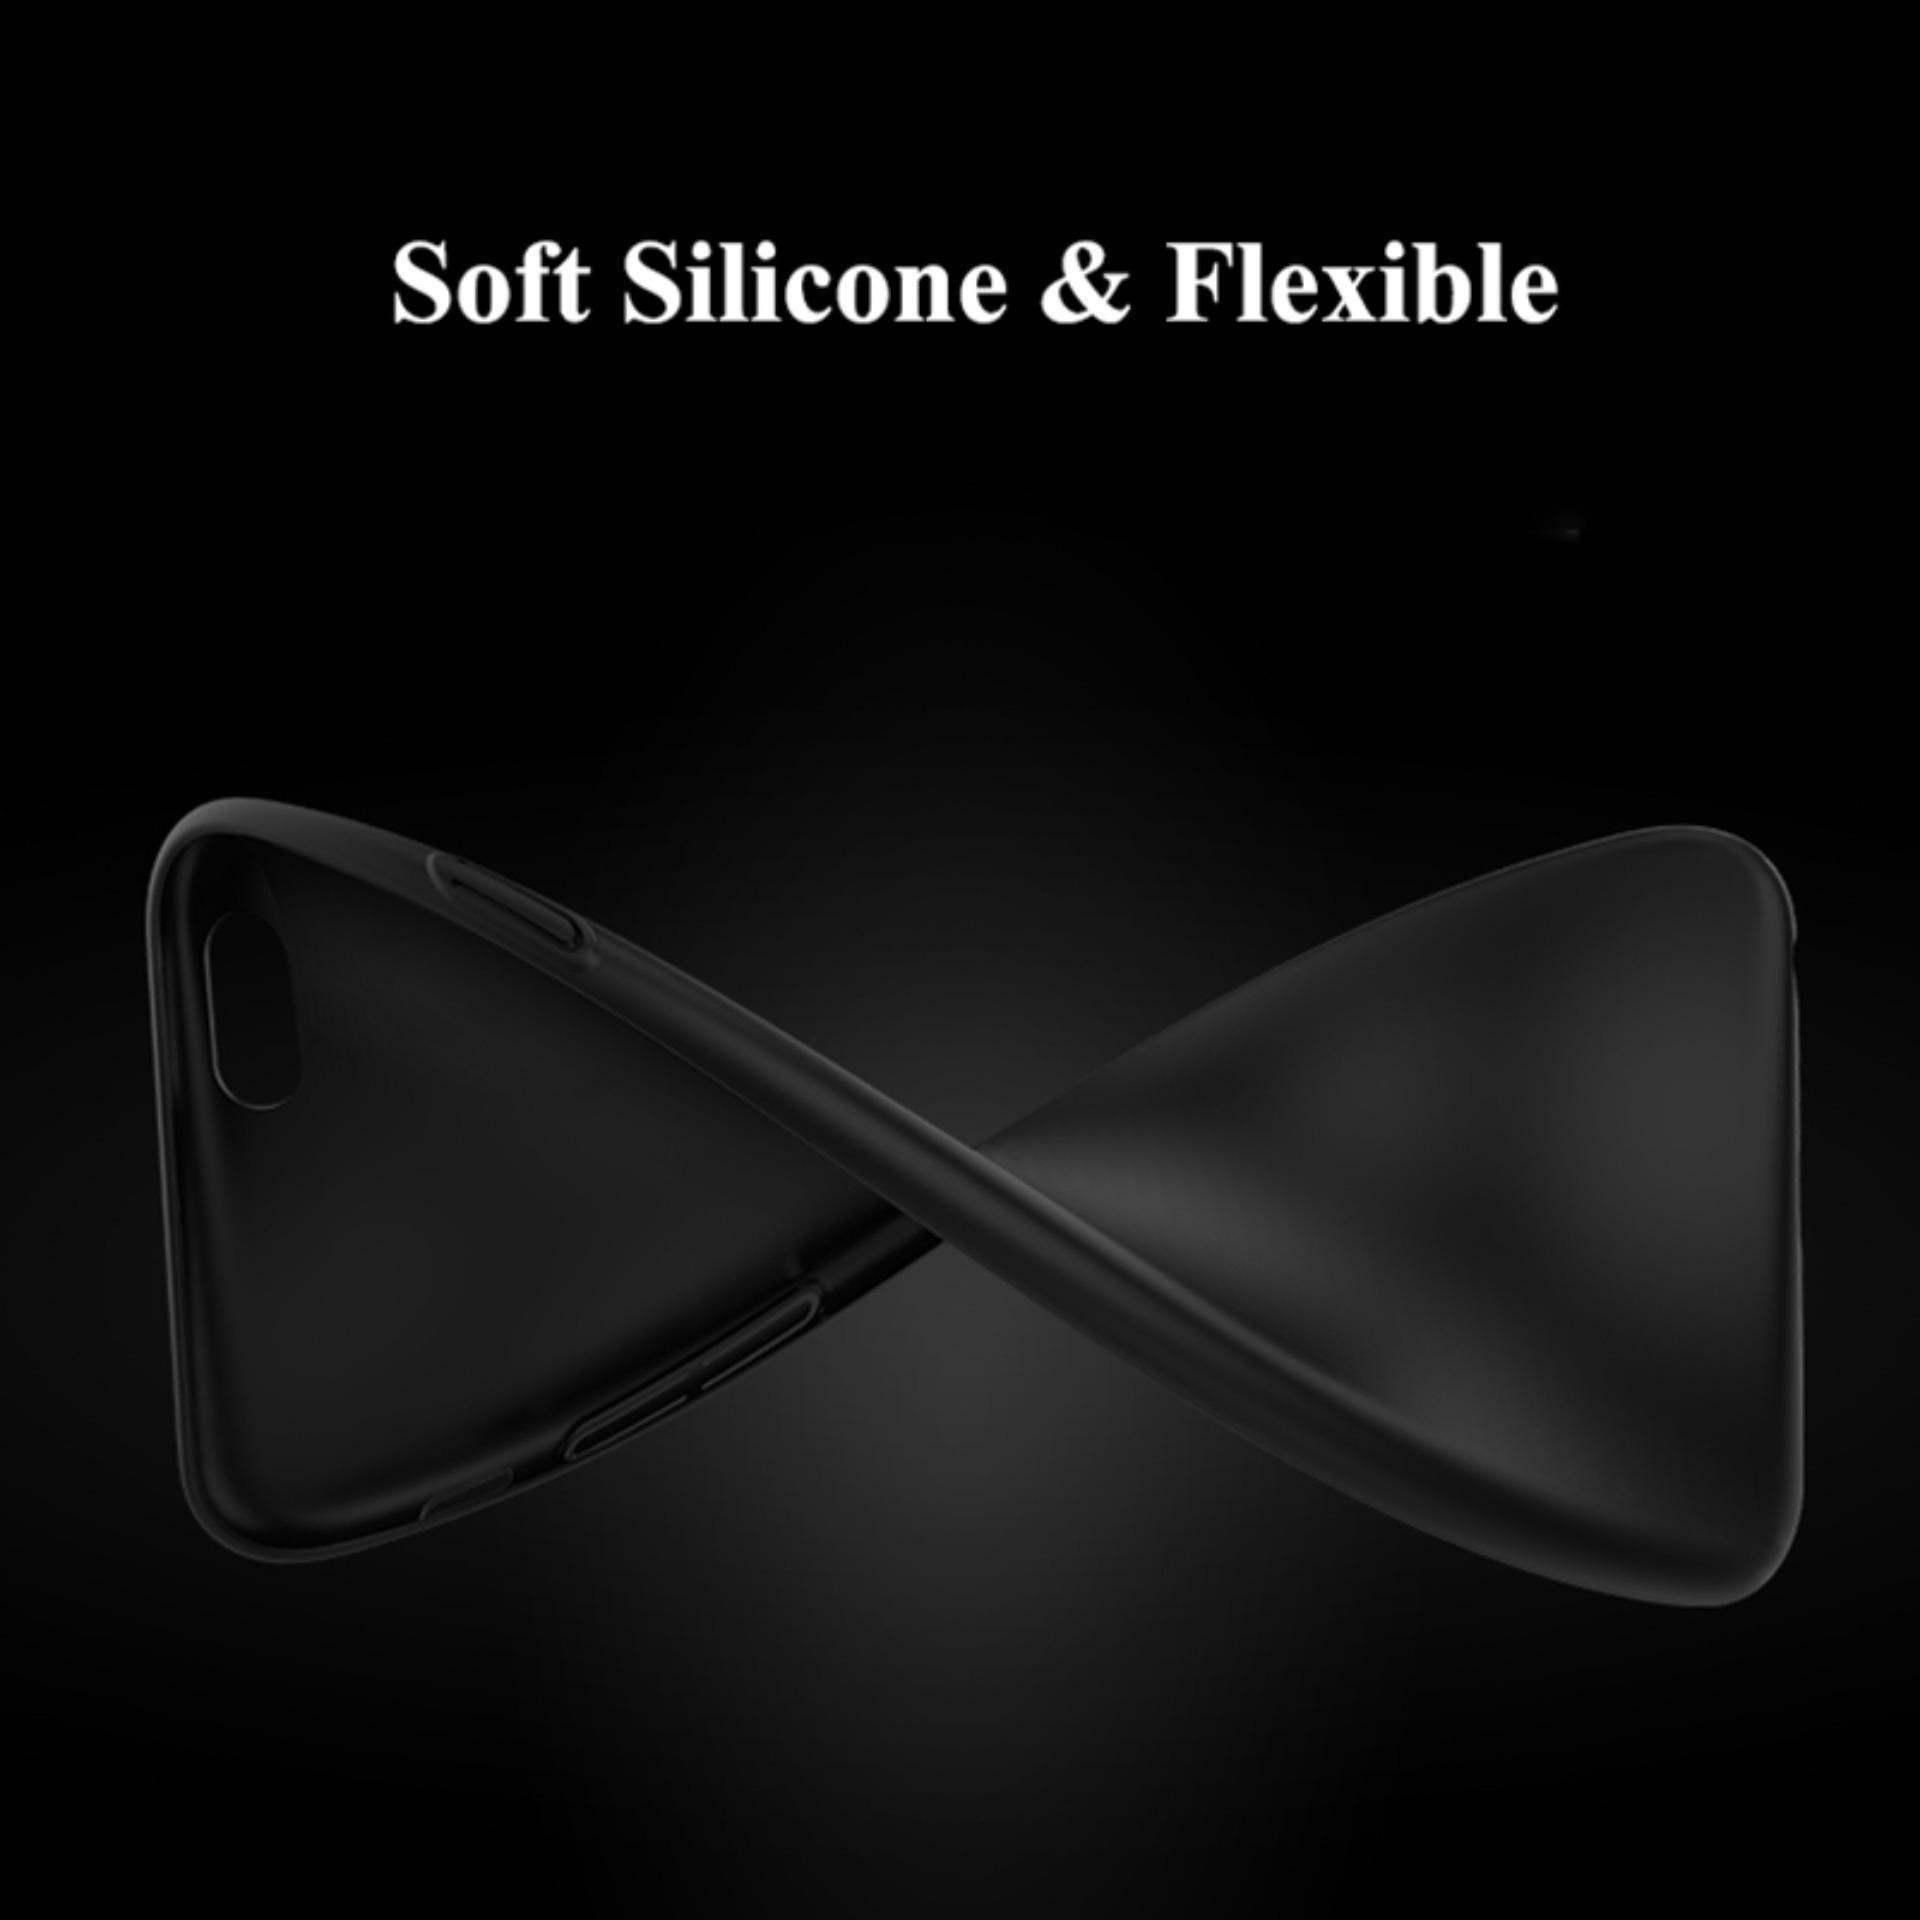 Case Slim Black Matte Vivo Y51 / Y51L / Y51T - Black Doff - 2